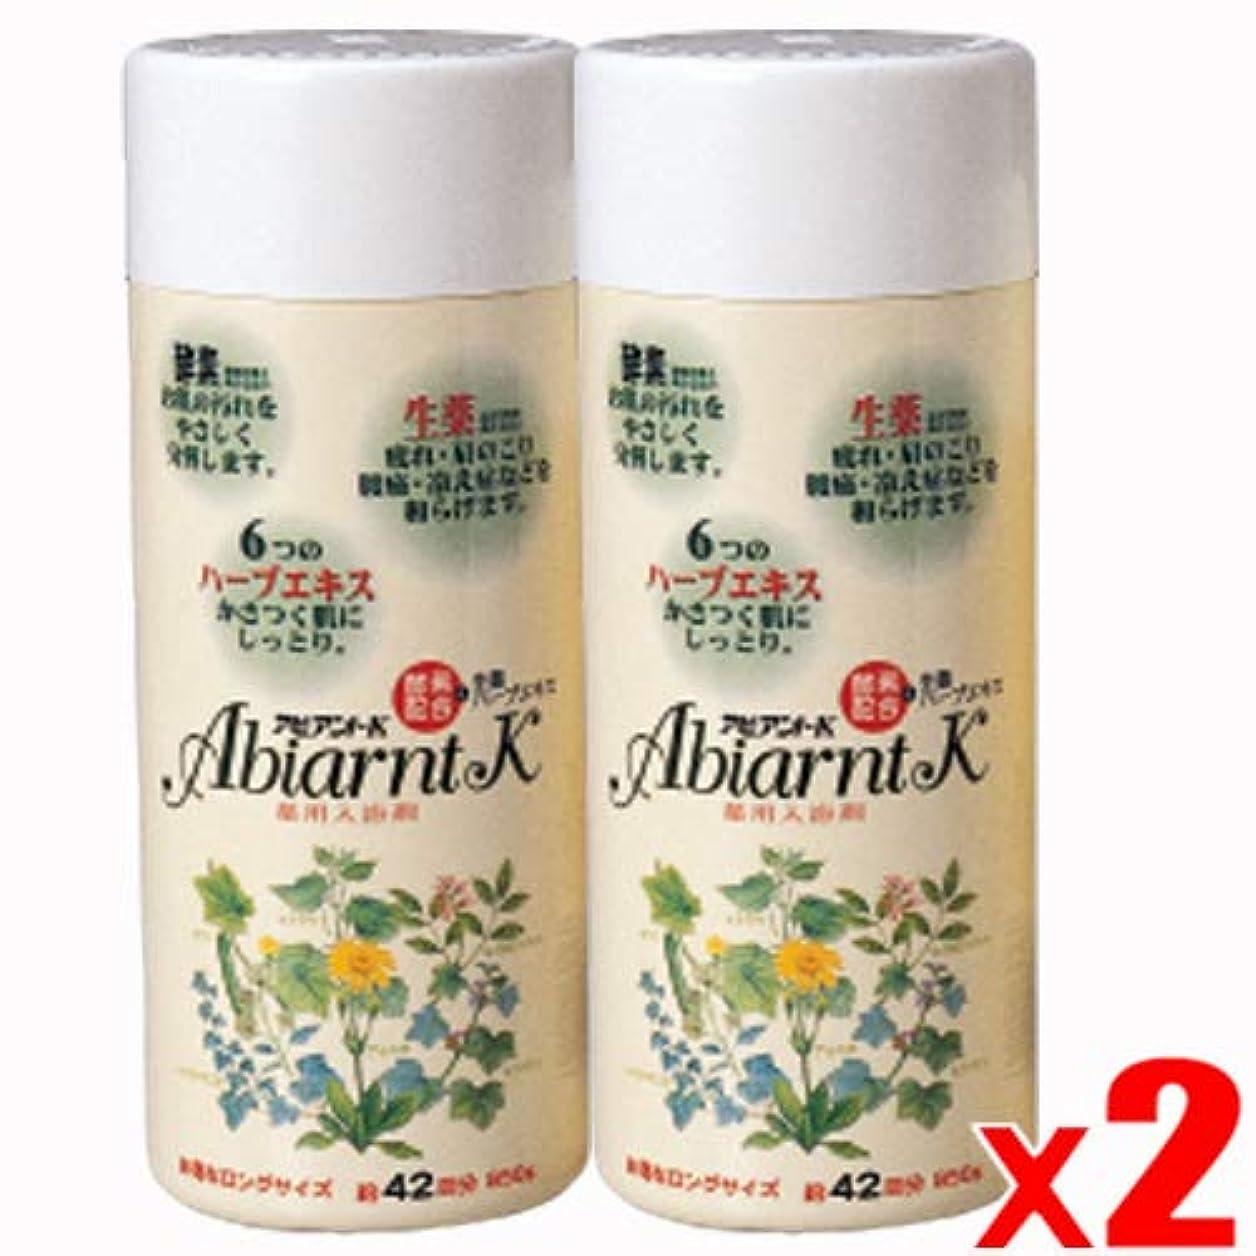 雪どきどき出力【2本】アビアントK 薬用入浴剤 850gx2本 (4987235024123-2)